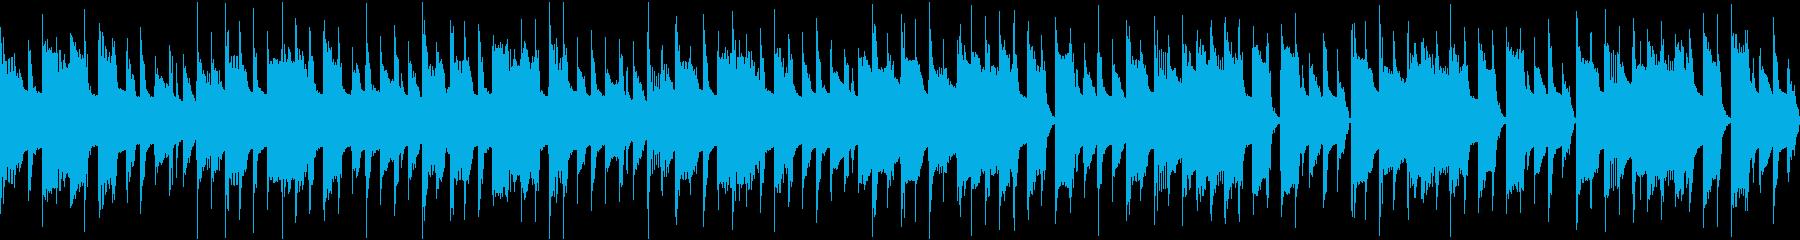 お知らせやCMなどに使えるシンプルな曲の再生済みの波形